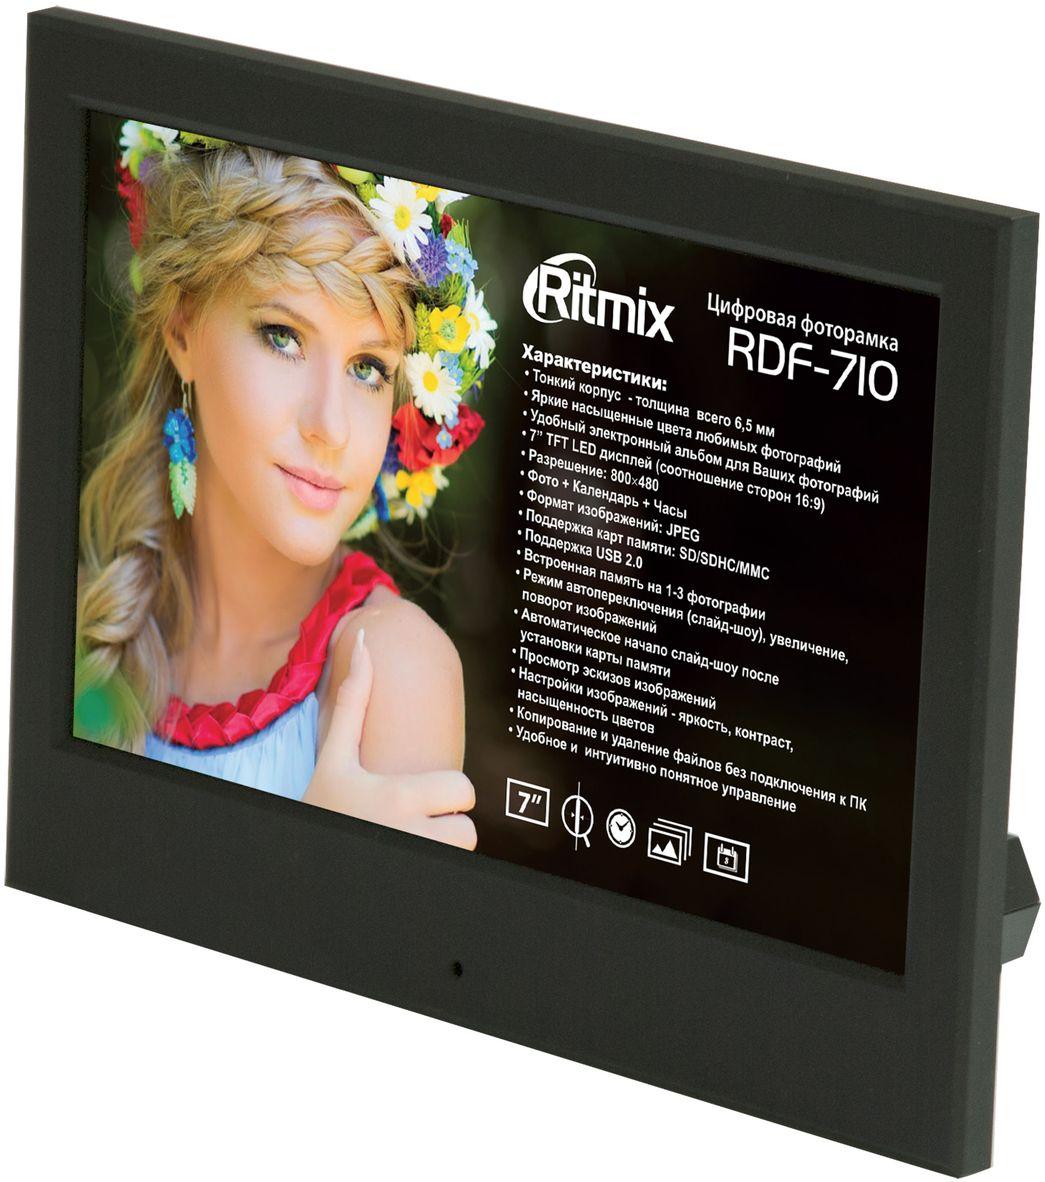 Ritmix RDF-710, Black цифровая фоторамкаRDF-710 BlackRitmix RDF-710 – классическая фоторамка, предназначенная для демонстрации фотографий, в том числе в режиме слайд-шоу. Устройство выполнено в компактном корпусе и оснащено 7-дюймовым TFT-дисплеем формата 16:9. В числе дополнительных функций фоторамки – часы и календарь.Демонстрация фотографий в формате JPEGВстроенная память на 1-3 фотографииРежим слайд-шоу, увеличение, поворот изображенийАвтоматическое начало слайд-шоу после установки карты памятиПросмотр эскизов изображенийНастройки изображений: яркость, контраст, насыщенность цветовПроводник – просмотр всех имеющихся файлов и папокКопирование и удаление файлов без подключения к ПКУдобное иинтуитивно понятное управление